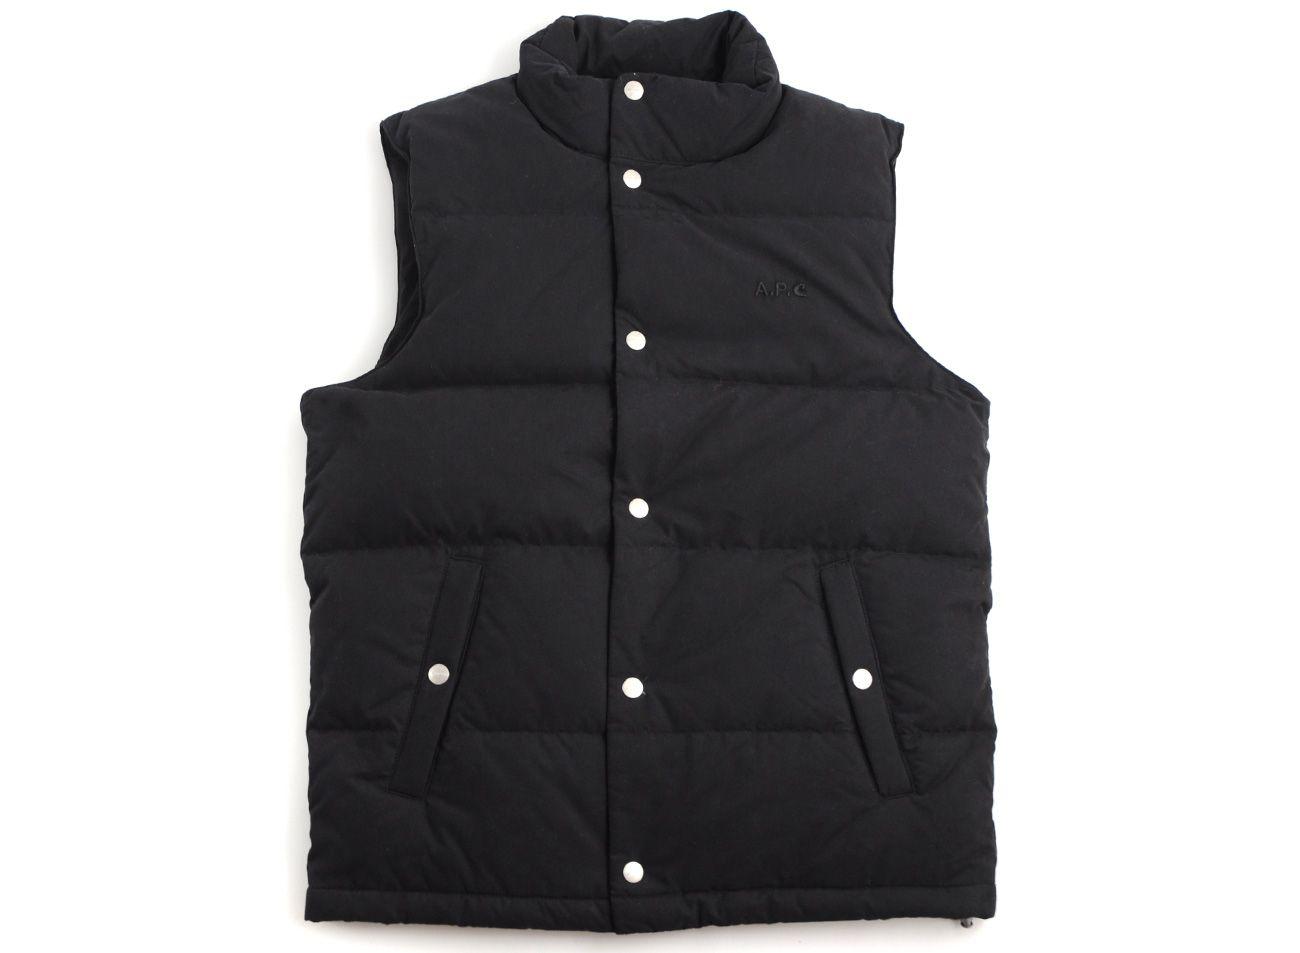 Carhartt vestWell dressed BlackDown Down Vest P A Cx CWQEodBerx